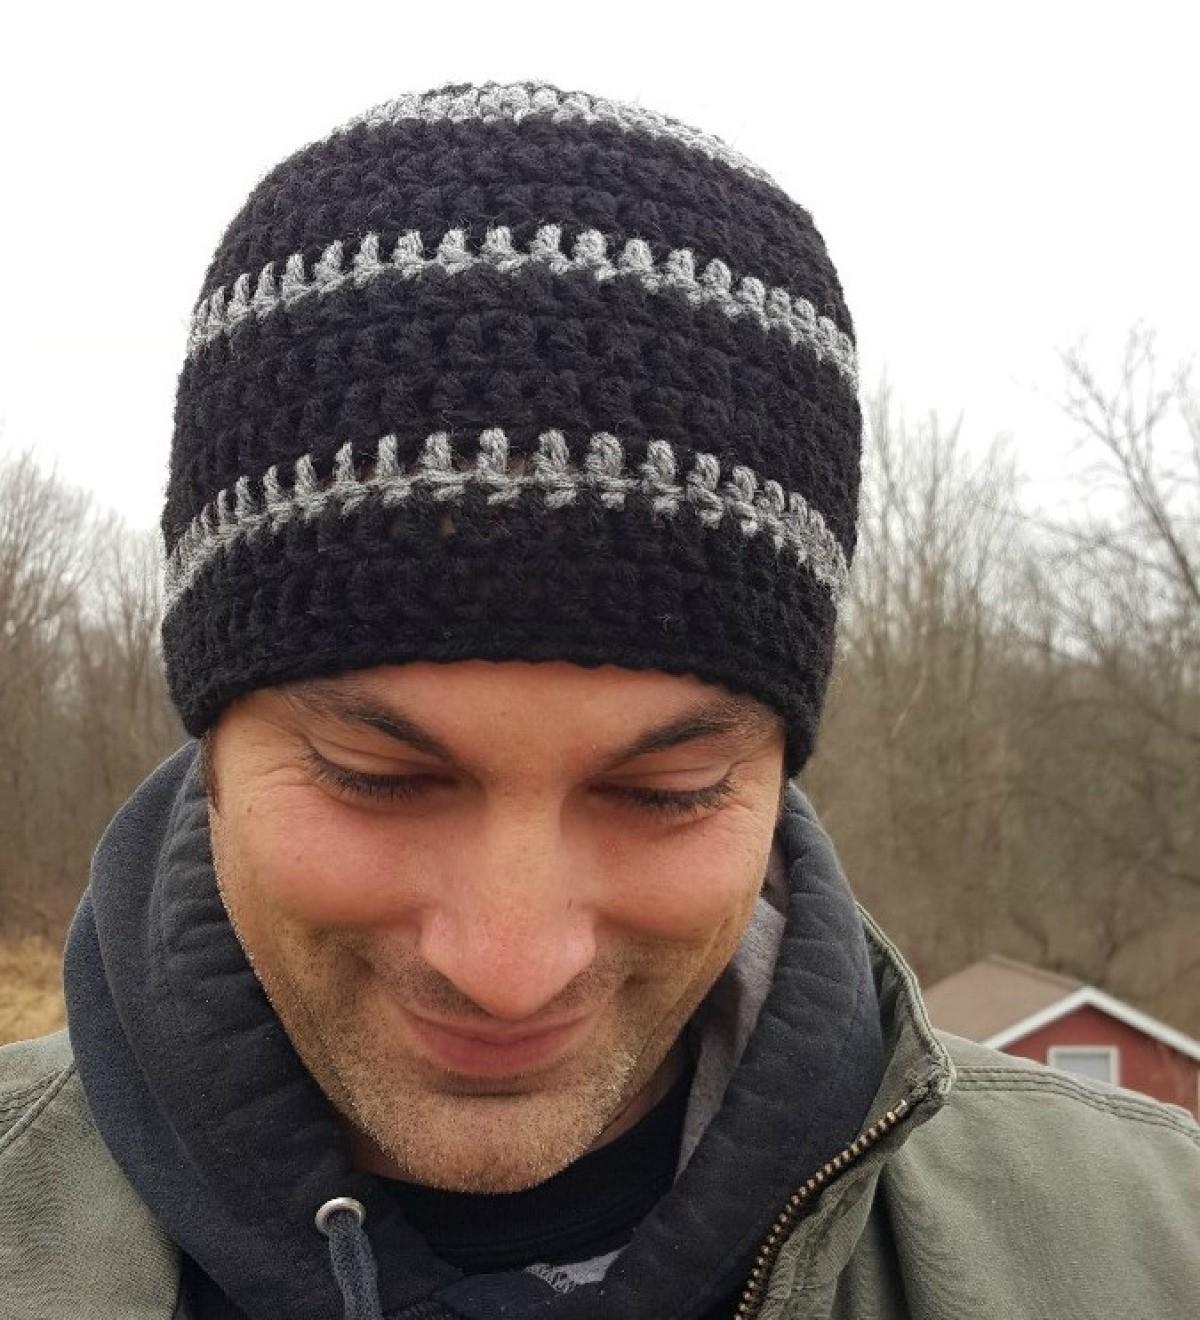 Making Crochet Hats Thriftyfun